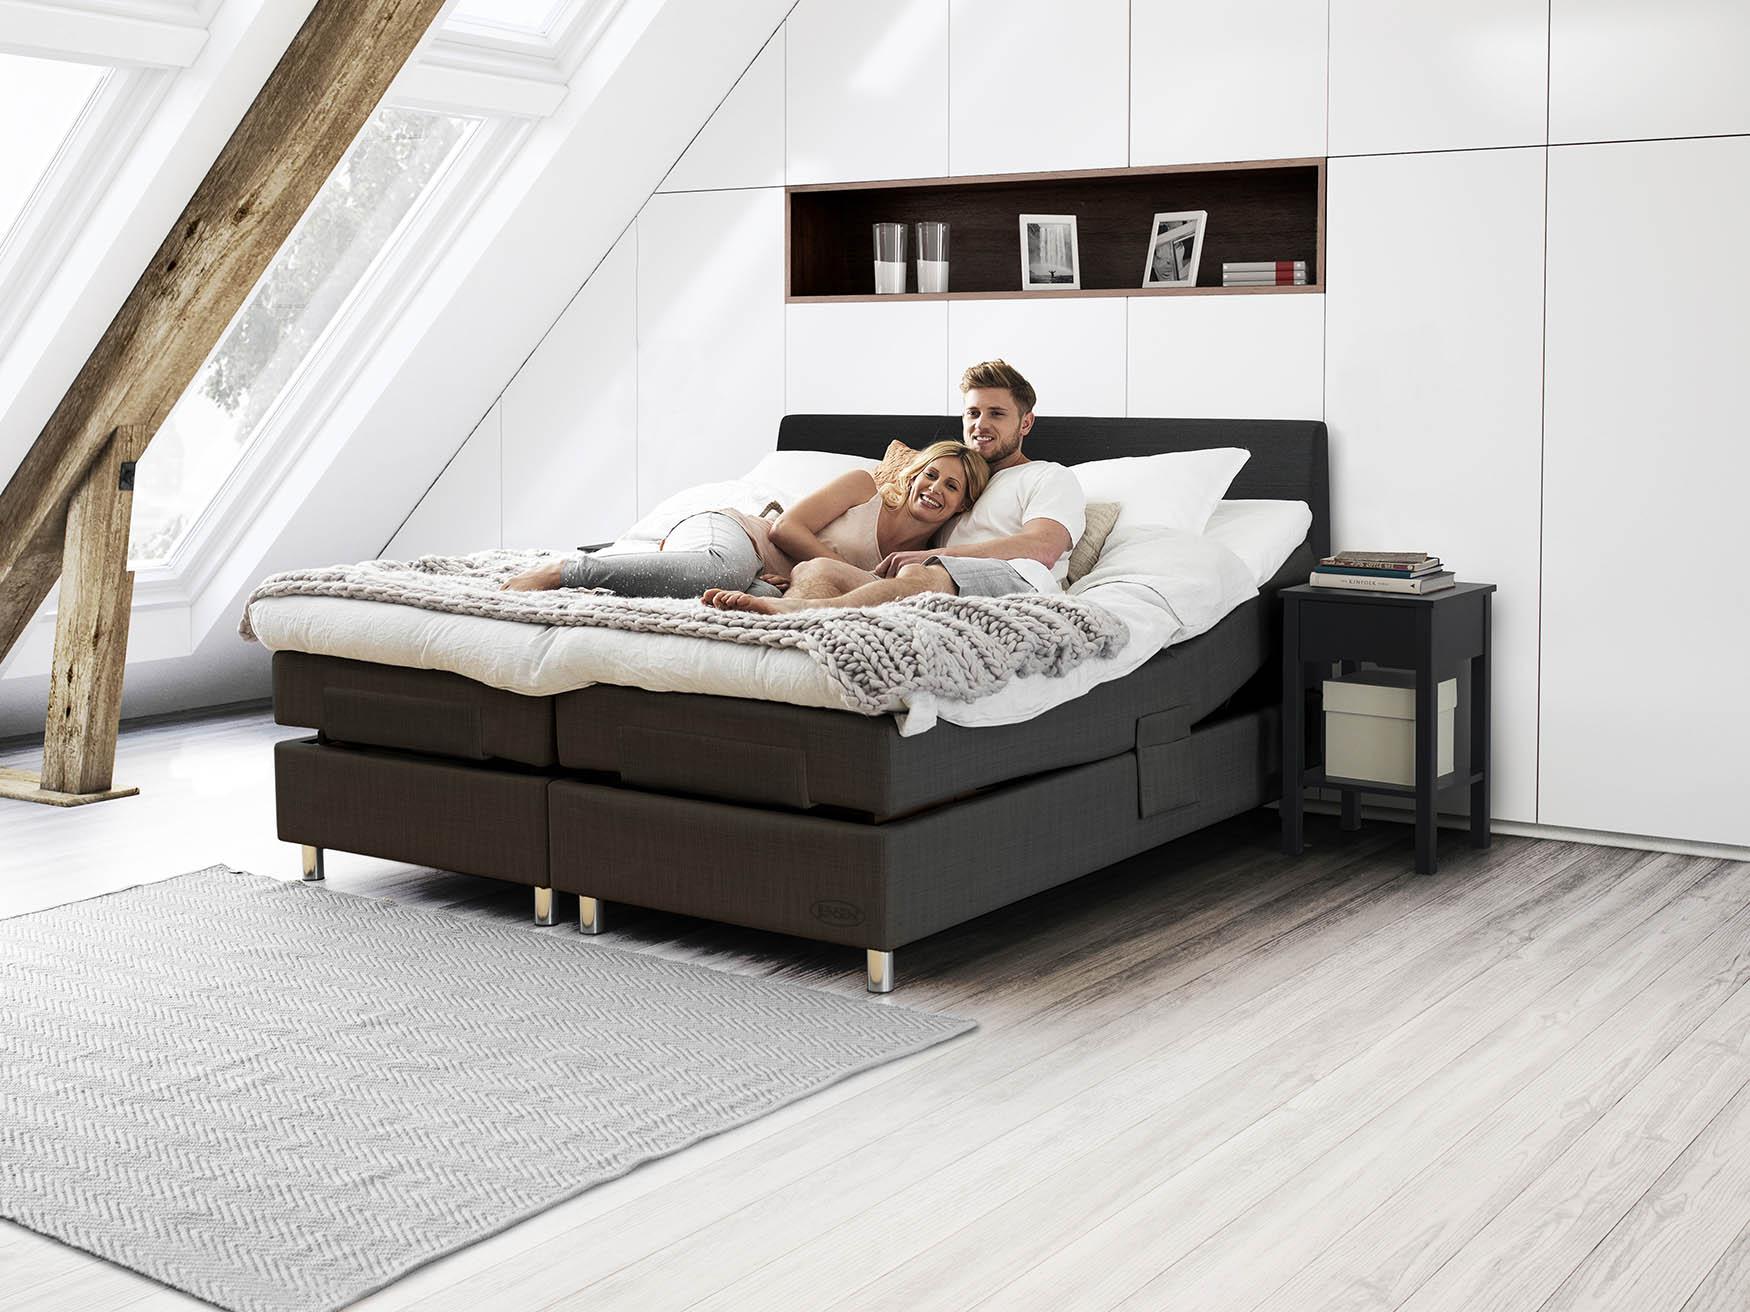 Miljöbild på Aqtive 2 ställbar säng från Jensen, sängbord Plania.